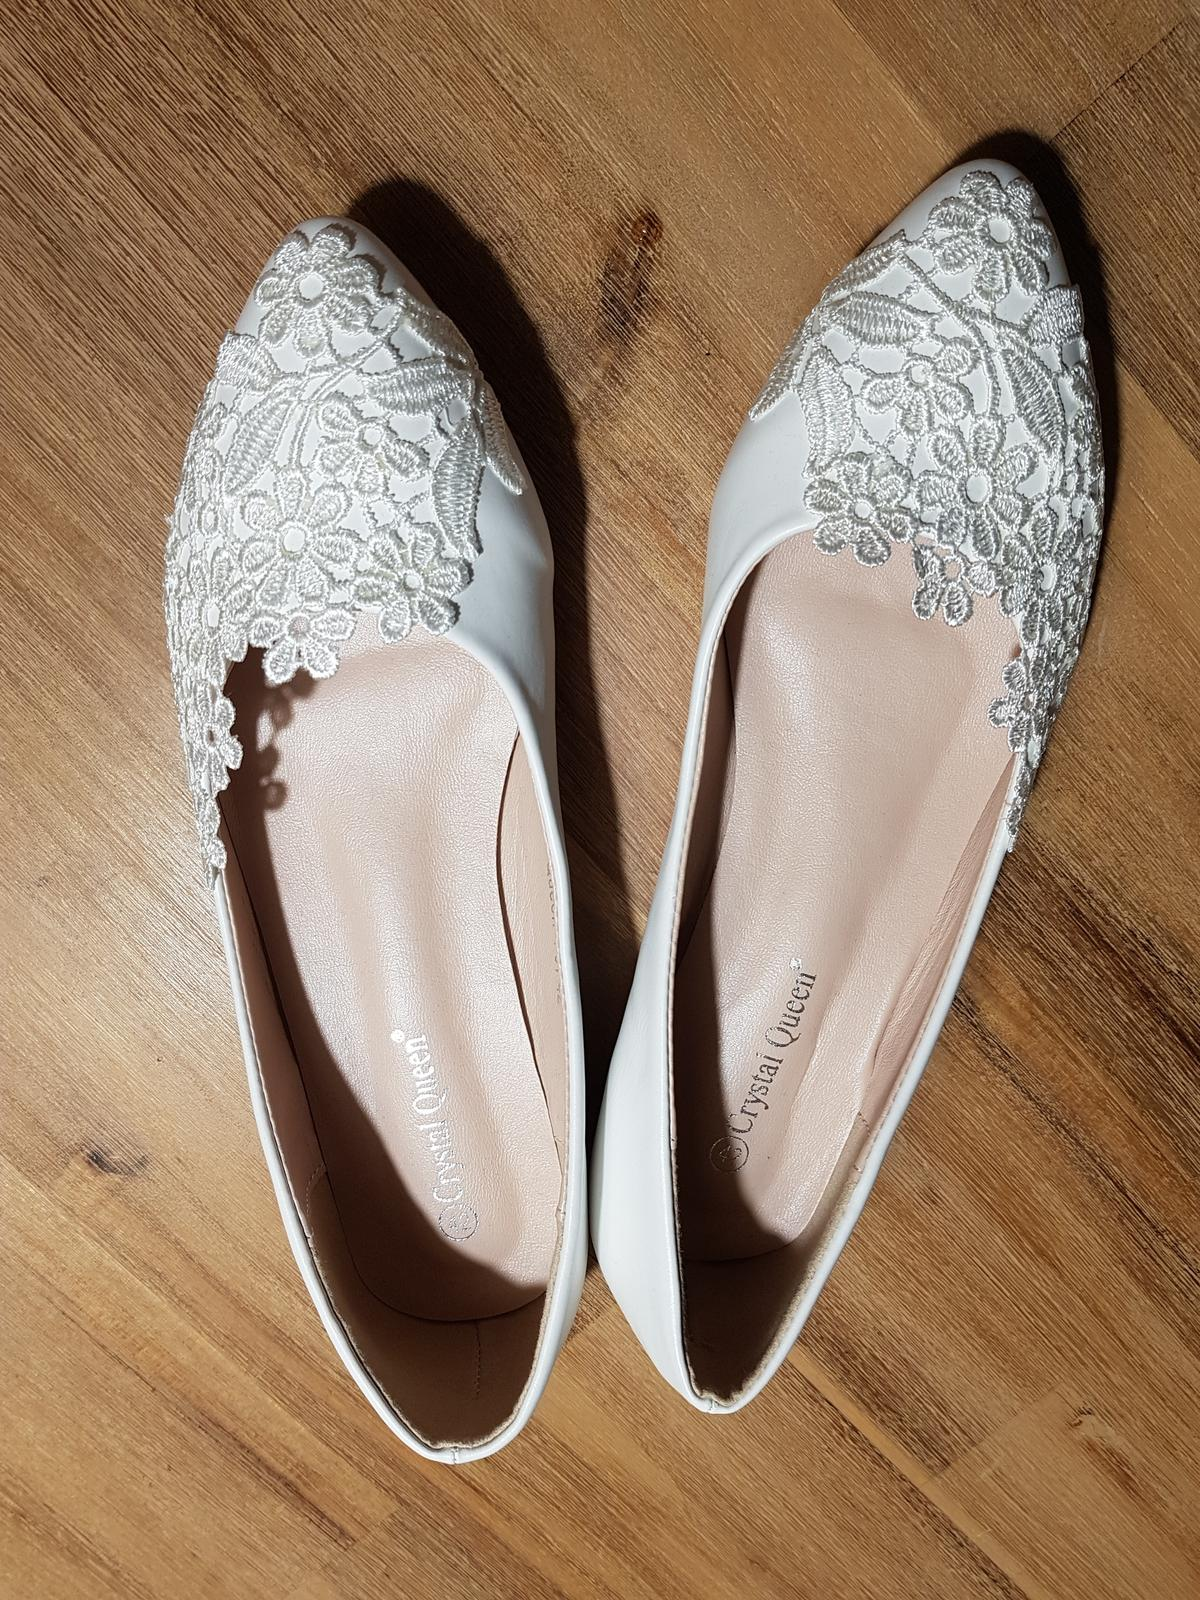 svatební baleríny - nové nenošené - Obrázek č. 2